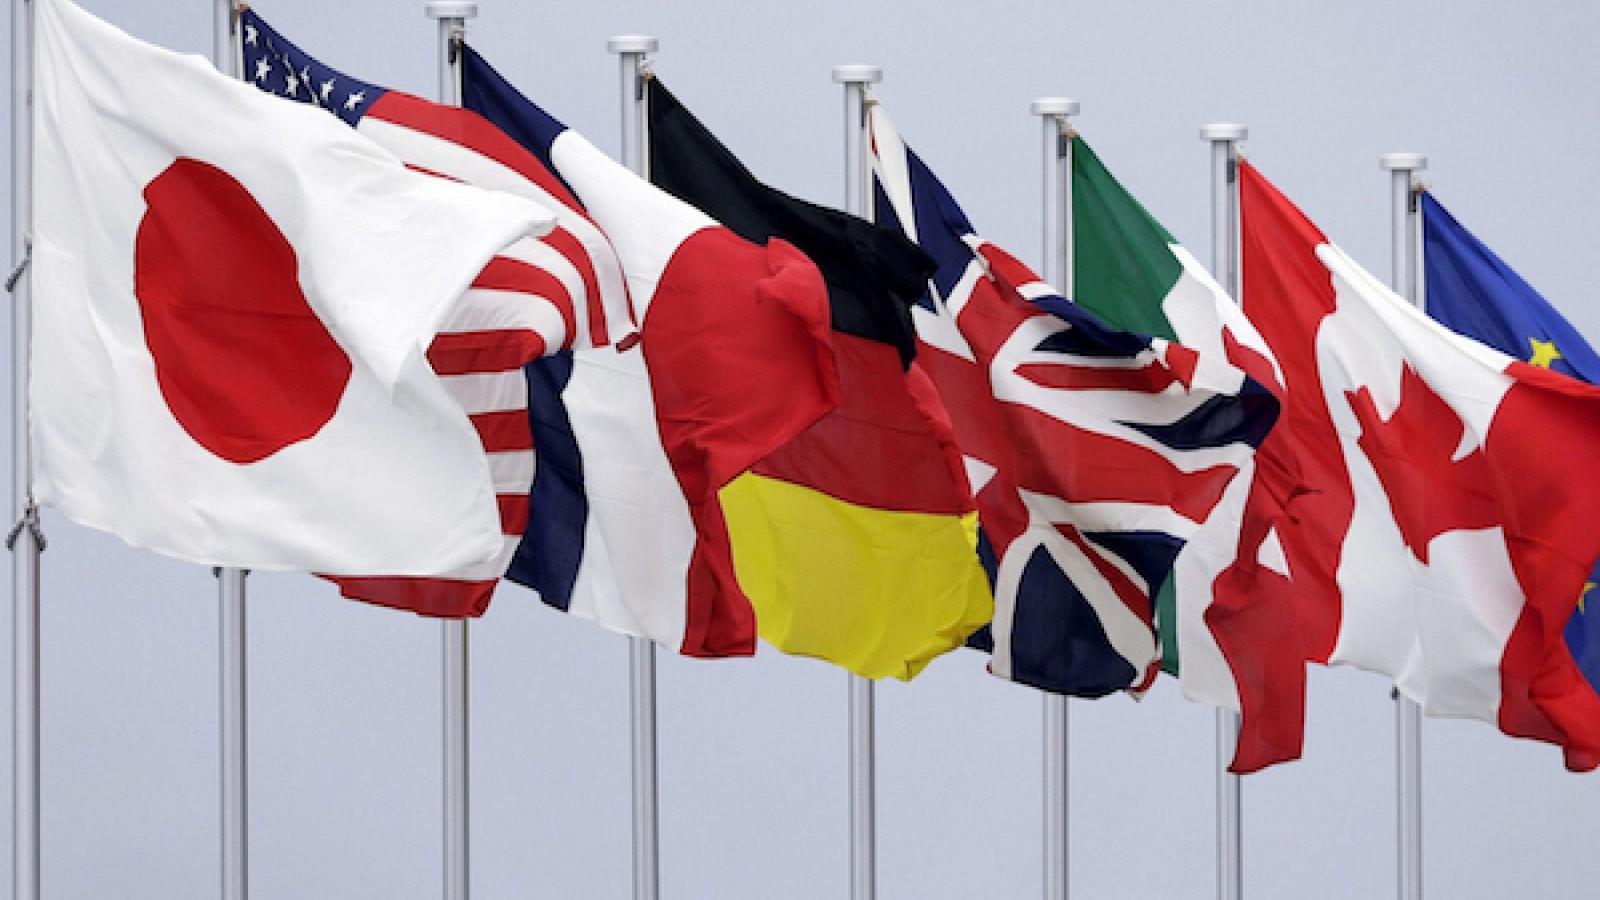 Tổng thống Mỹ sẽ cùng lãnh đạo nhóm G7 thảo luận ứng phó với Covid-19